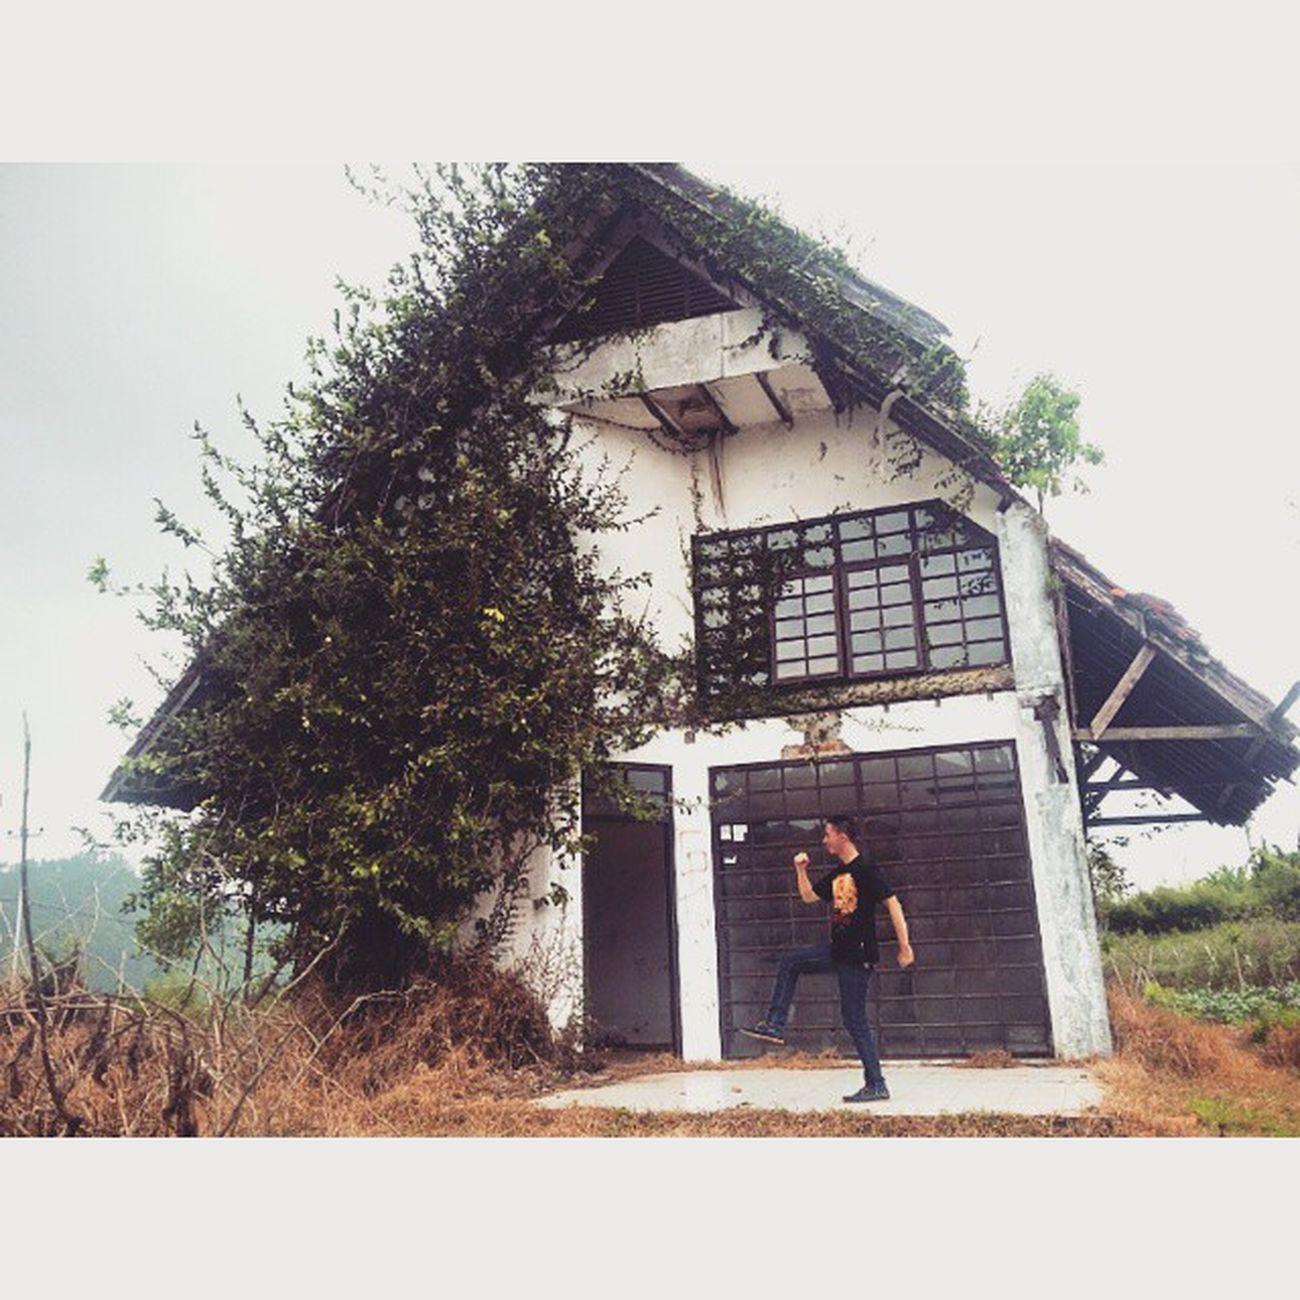 """Edisi : JarambahMisteri Shooting """"De Konjuring Part III"""" Cooming soon 2017 Taken by : @rinatambayani JarambahBandung DiBawahLangitBandung BandungIsMe"""